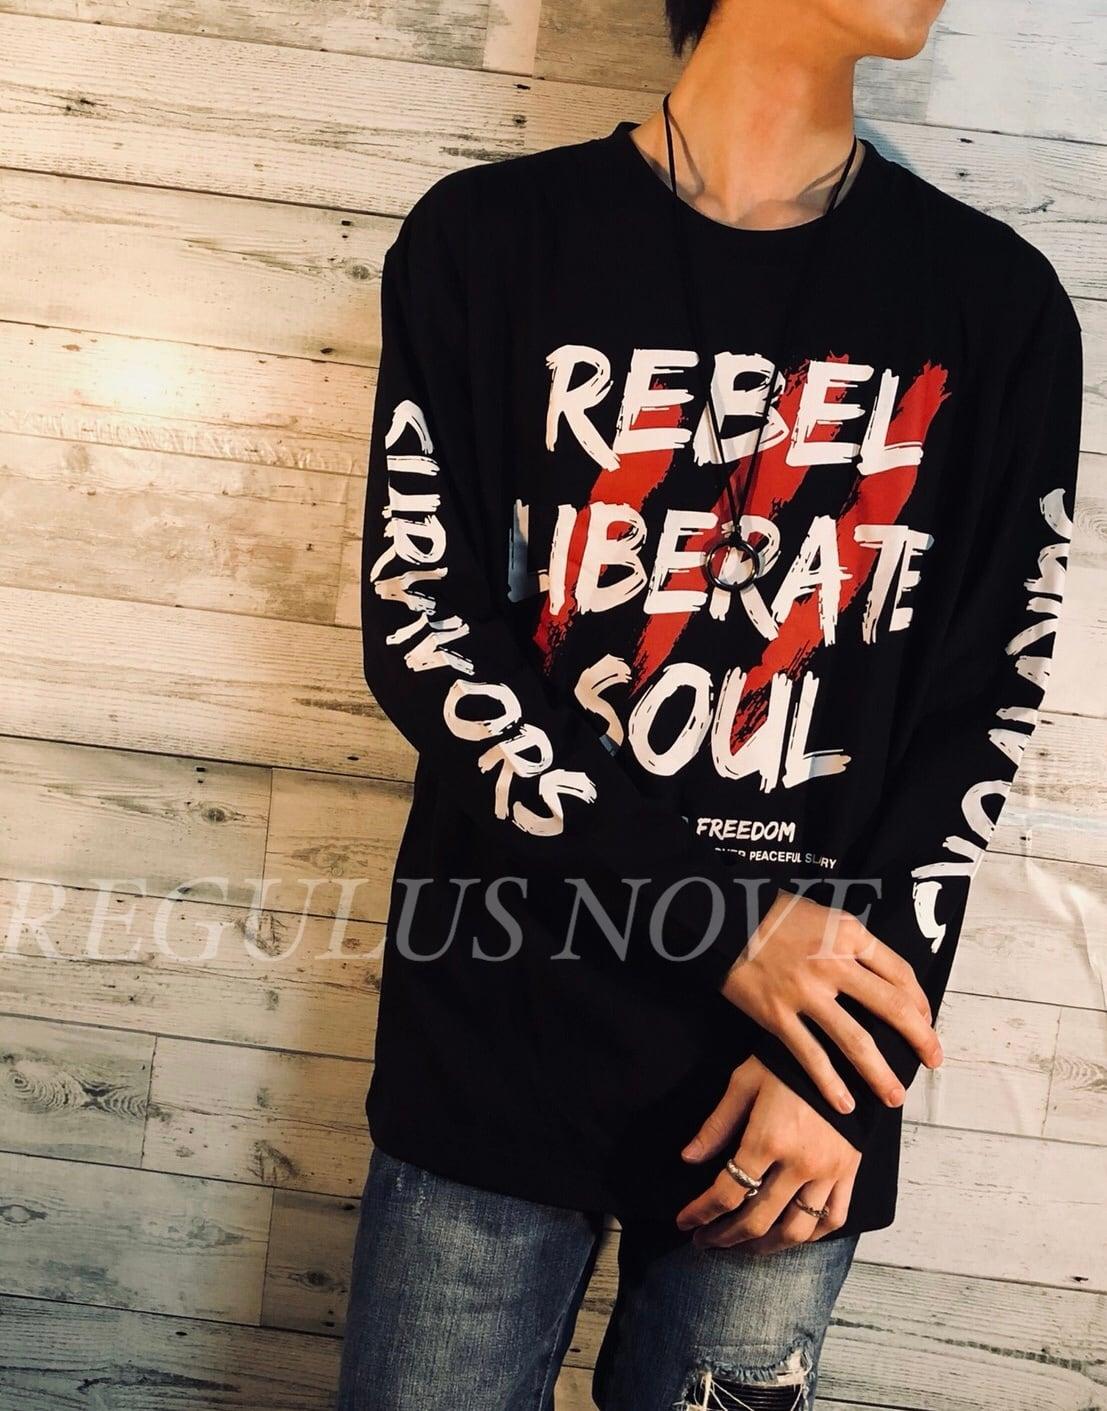 袖デザインBIGプリントロンT BLACK ユニセックス レディース メンズ ロンT 袖プリント 個性的 大きめ プチプラ